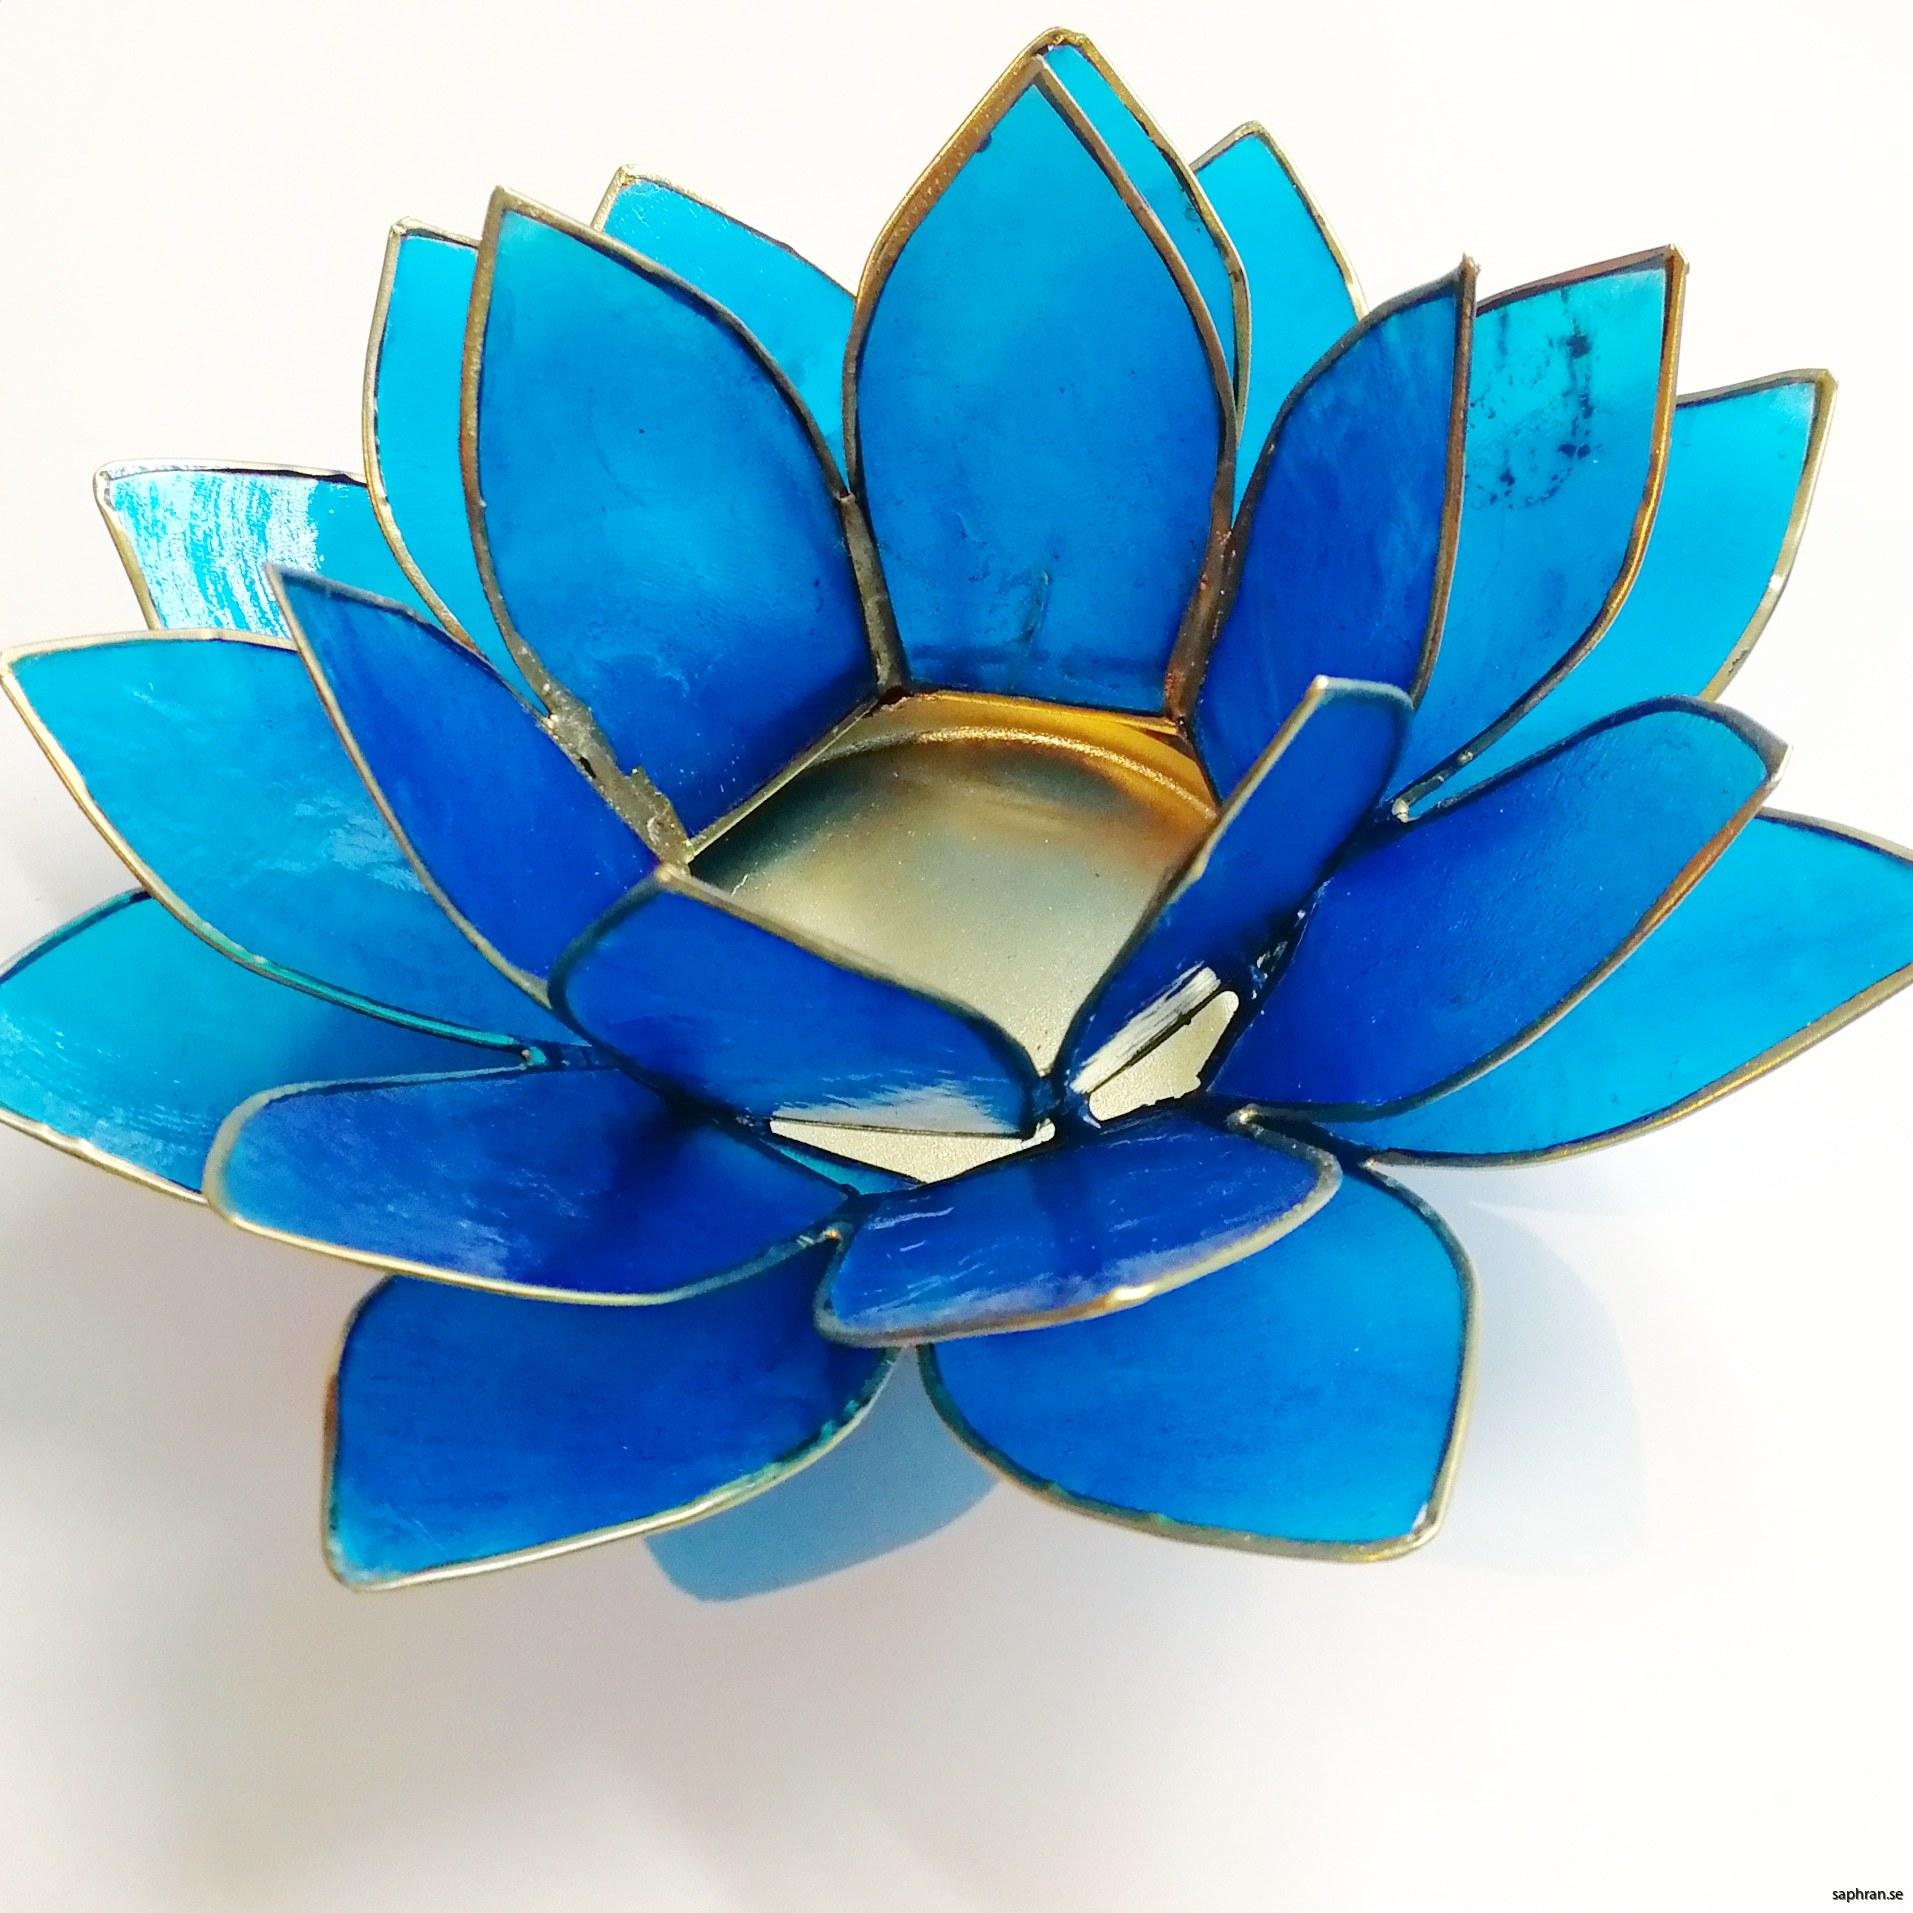 Lotusblomma ljuslykta 7 färger, indigo